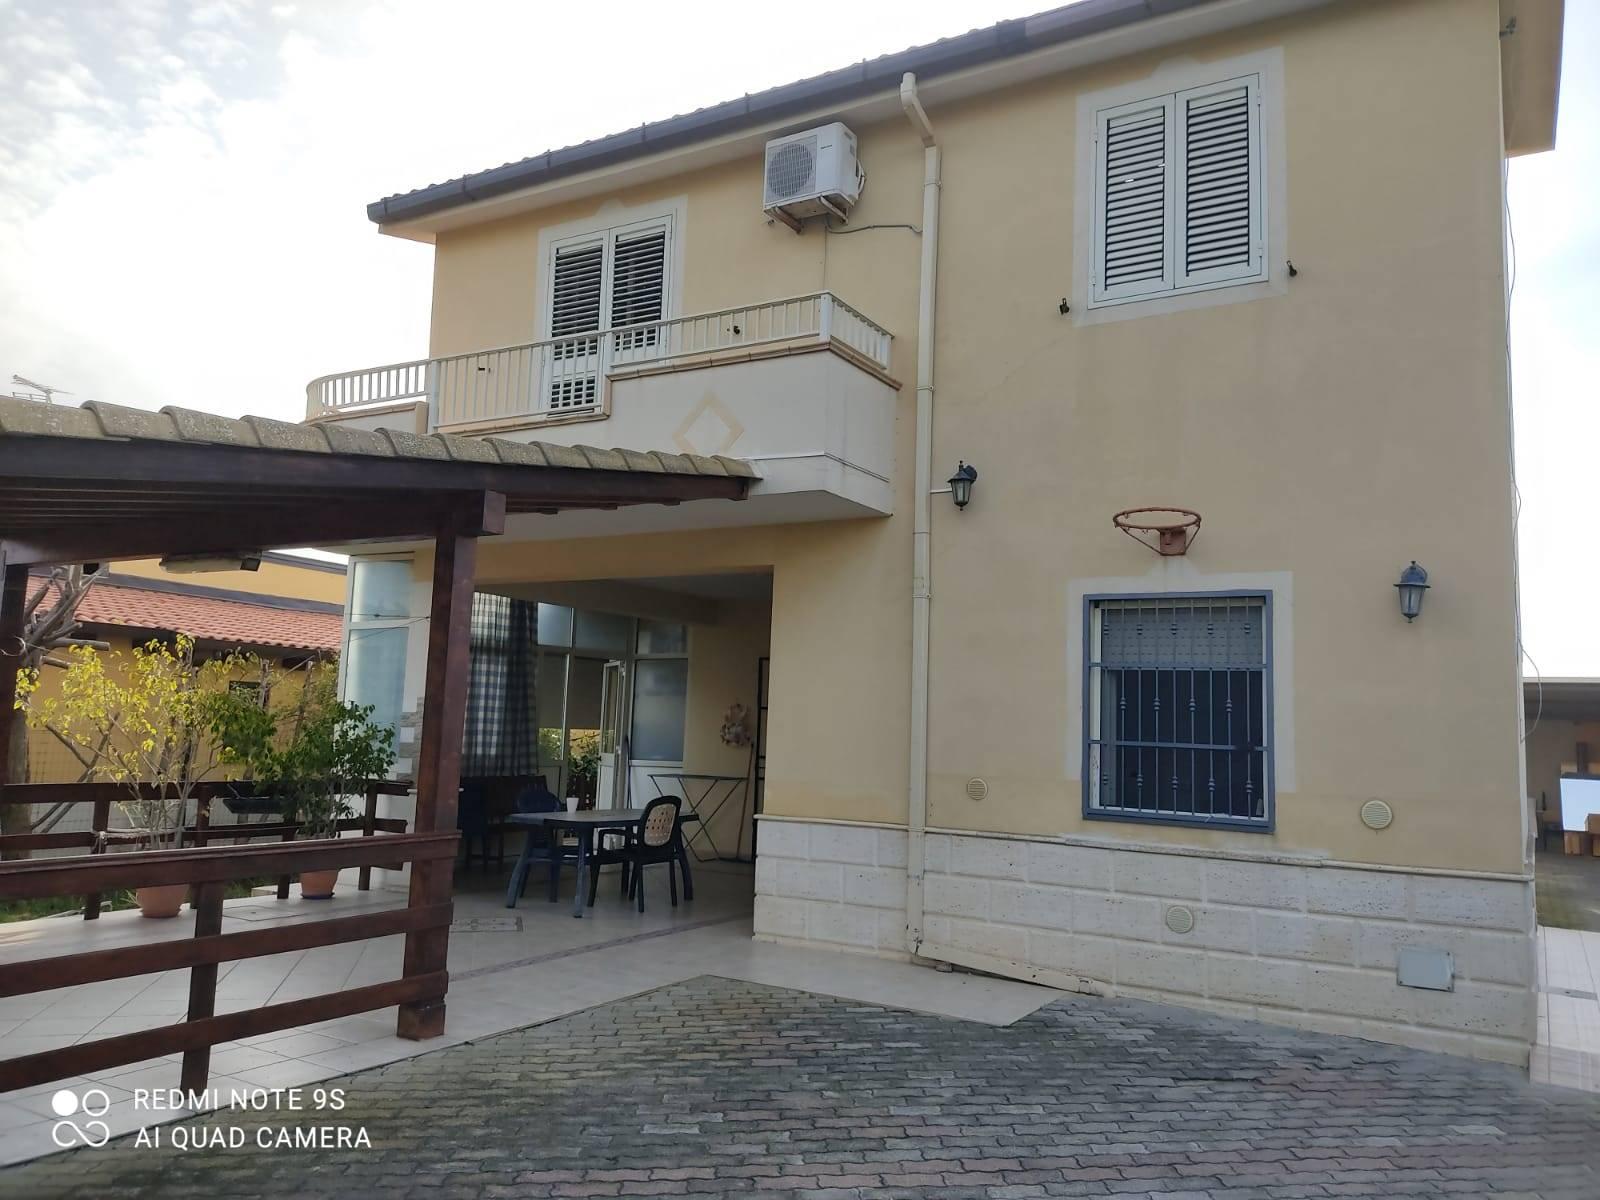 IA/185 - Villetta dislocata su due piani di mq.80 ca. cadauno oltre veranda, composta da piano terra (una camera, salone/soggiorno con camino, cucina